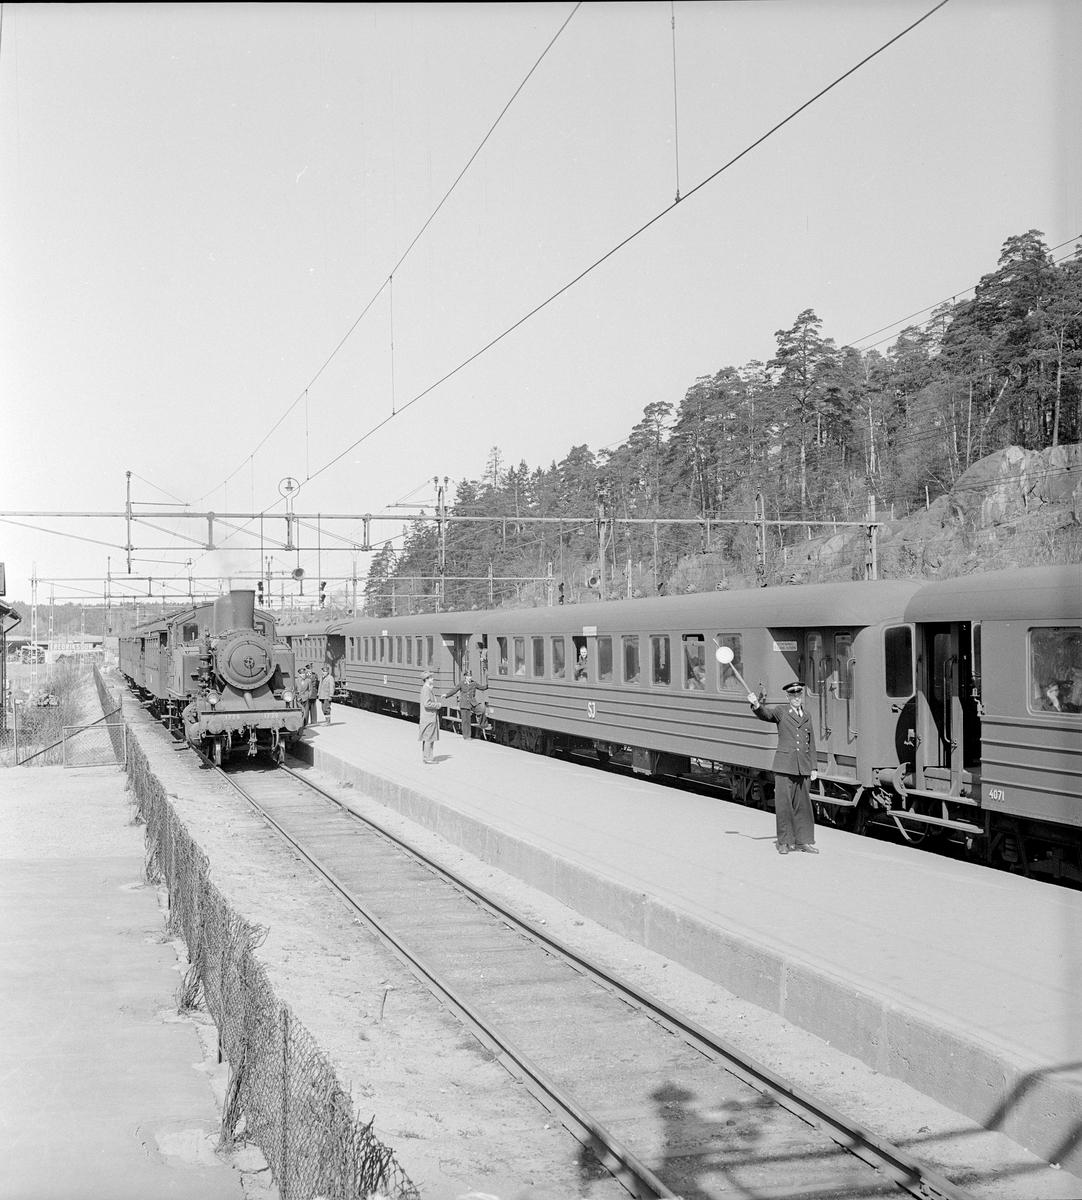 Signal för avgång. Statens Järnvägar, SJ B6G-vagnar. Ångloket till vänster är SJ S10 1726.